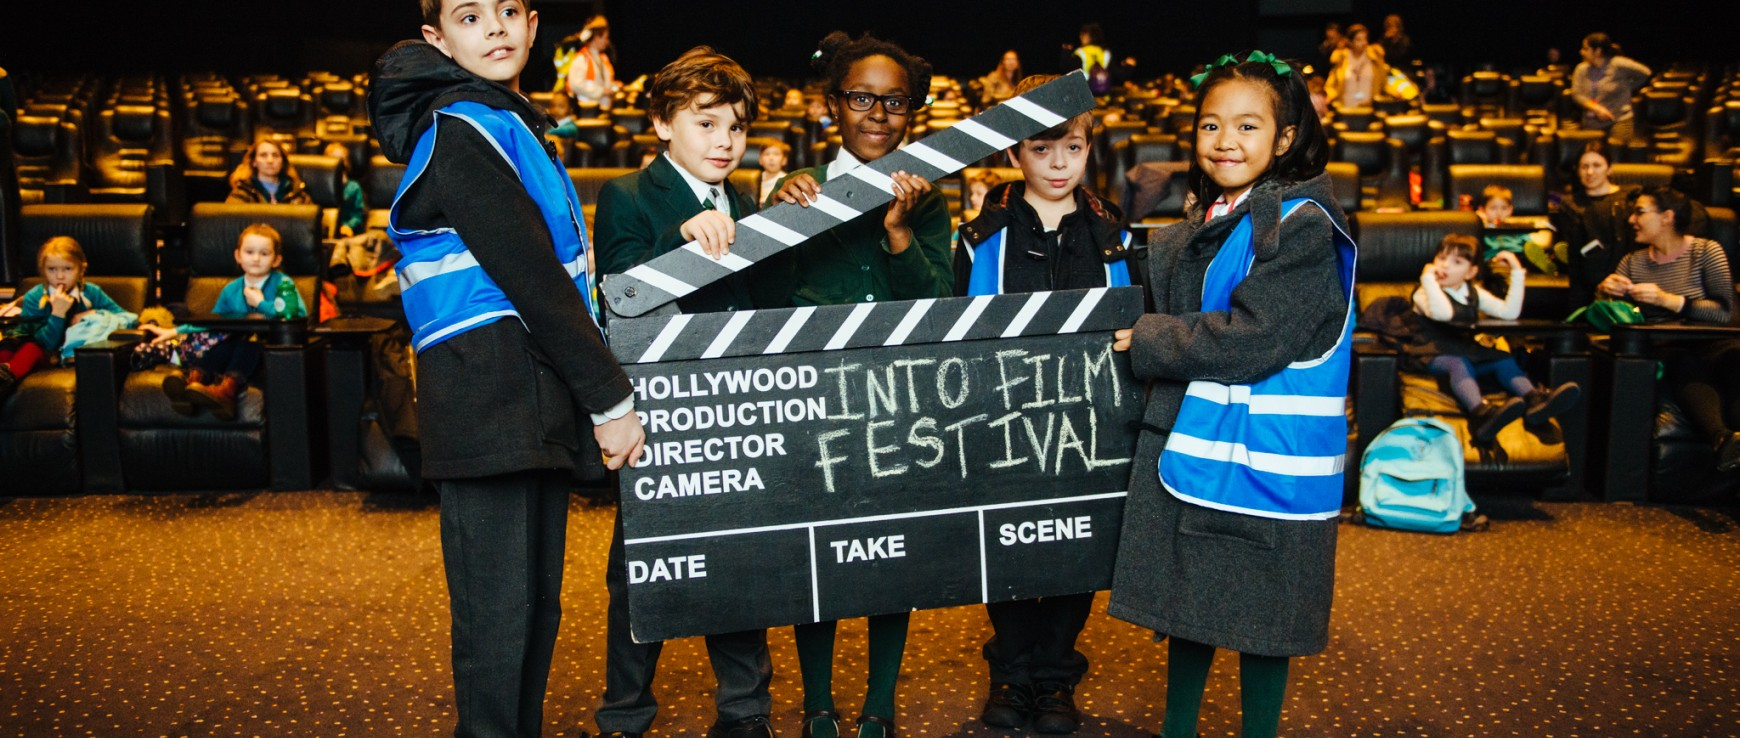 Into Film Festival 2019